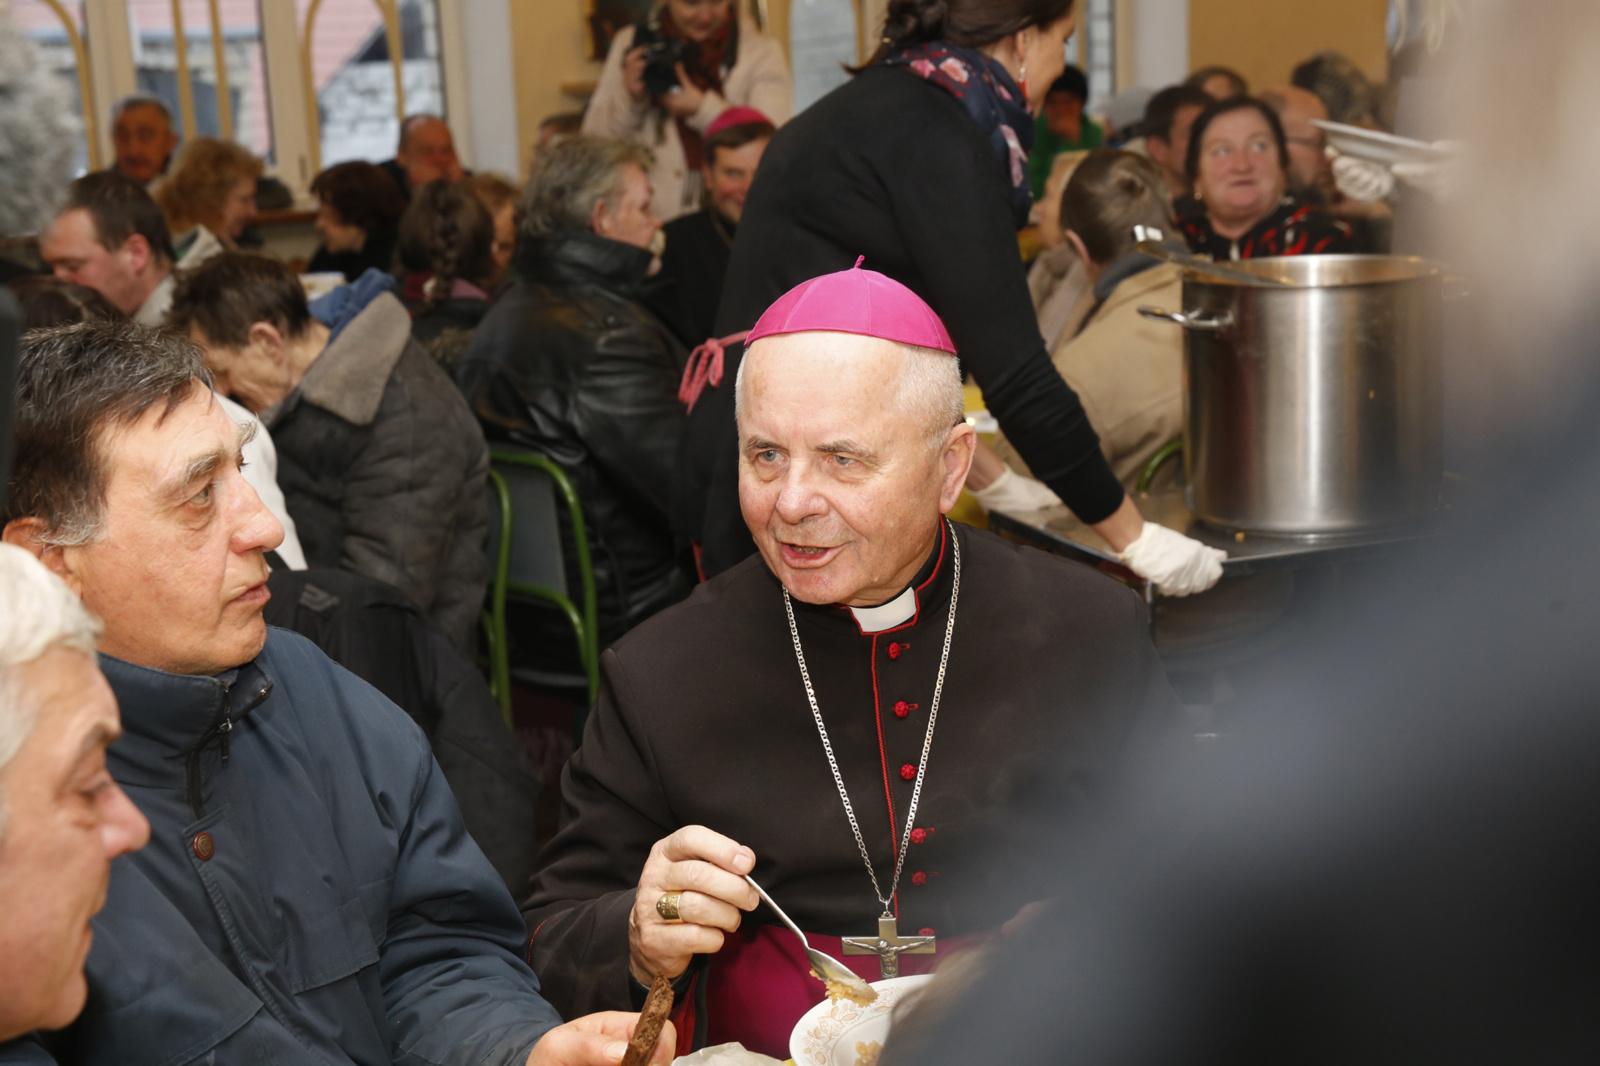 kardinolų prekybos galimybės kylanti kriptovaliuta investuoti 2021 m